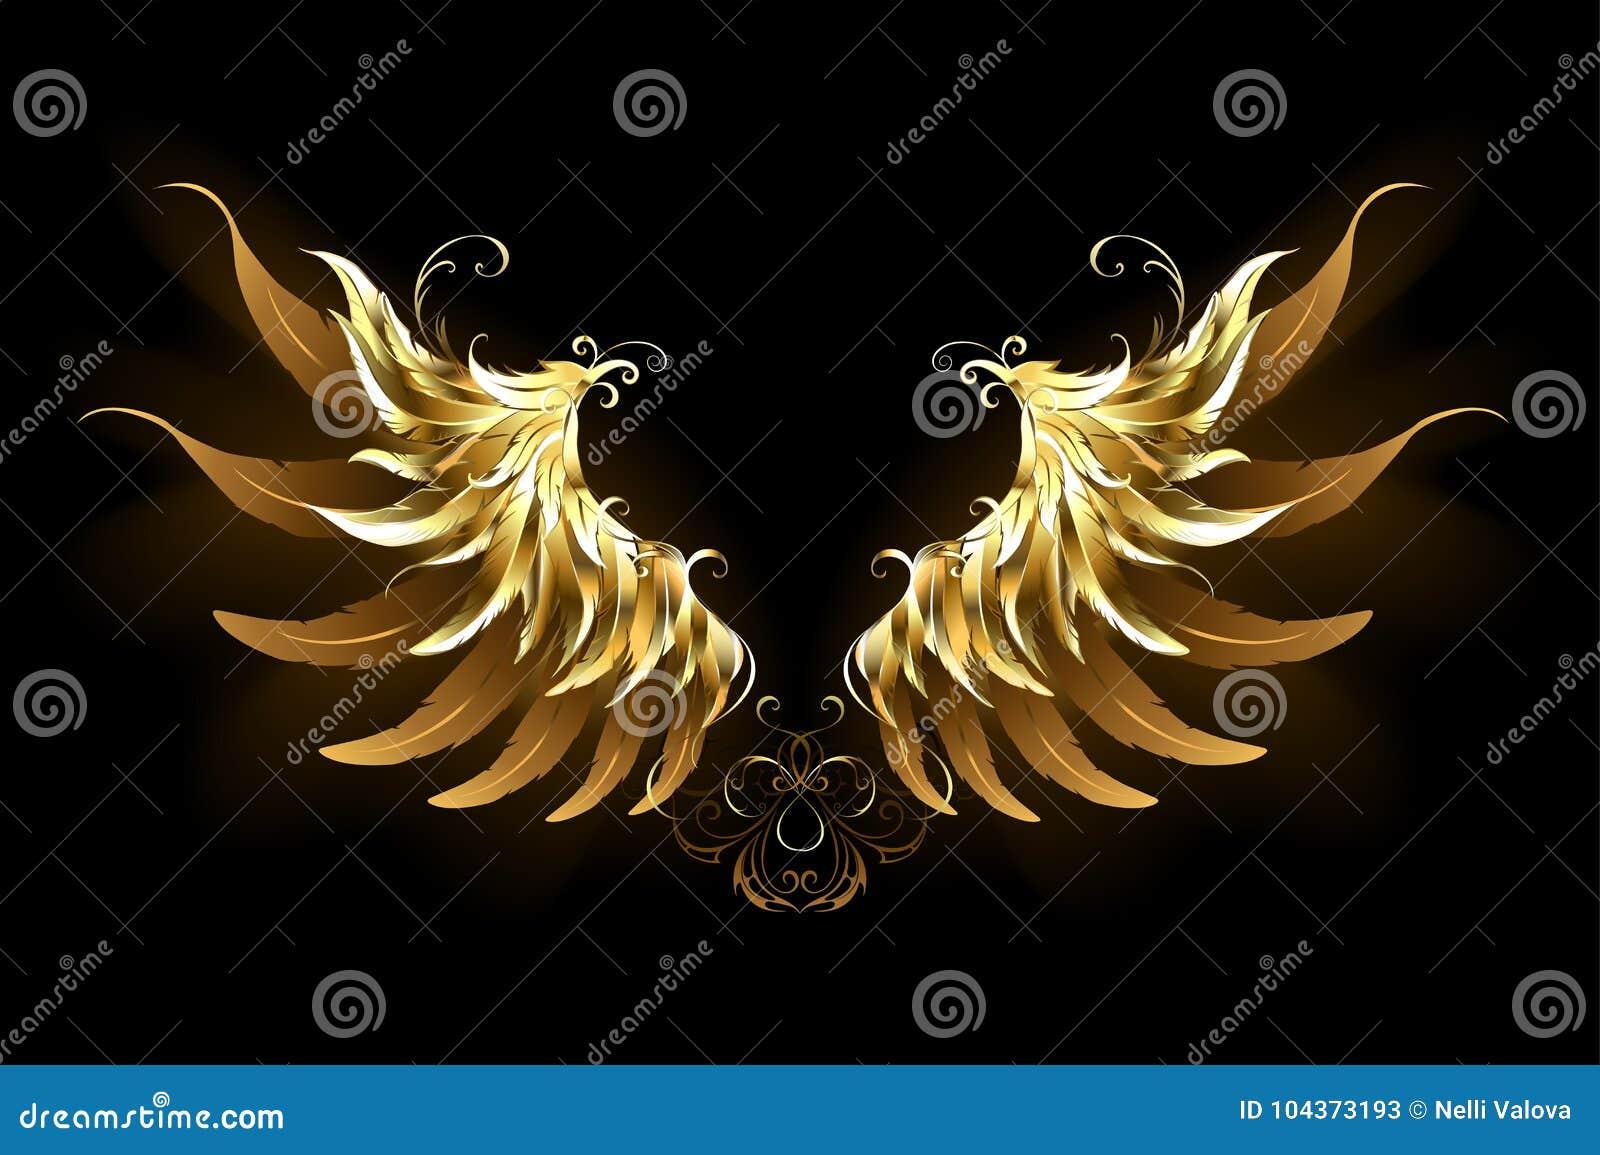 De glanzende Gouden vleugels van engelenvleugels